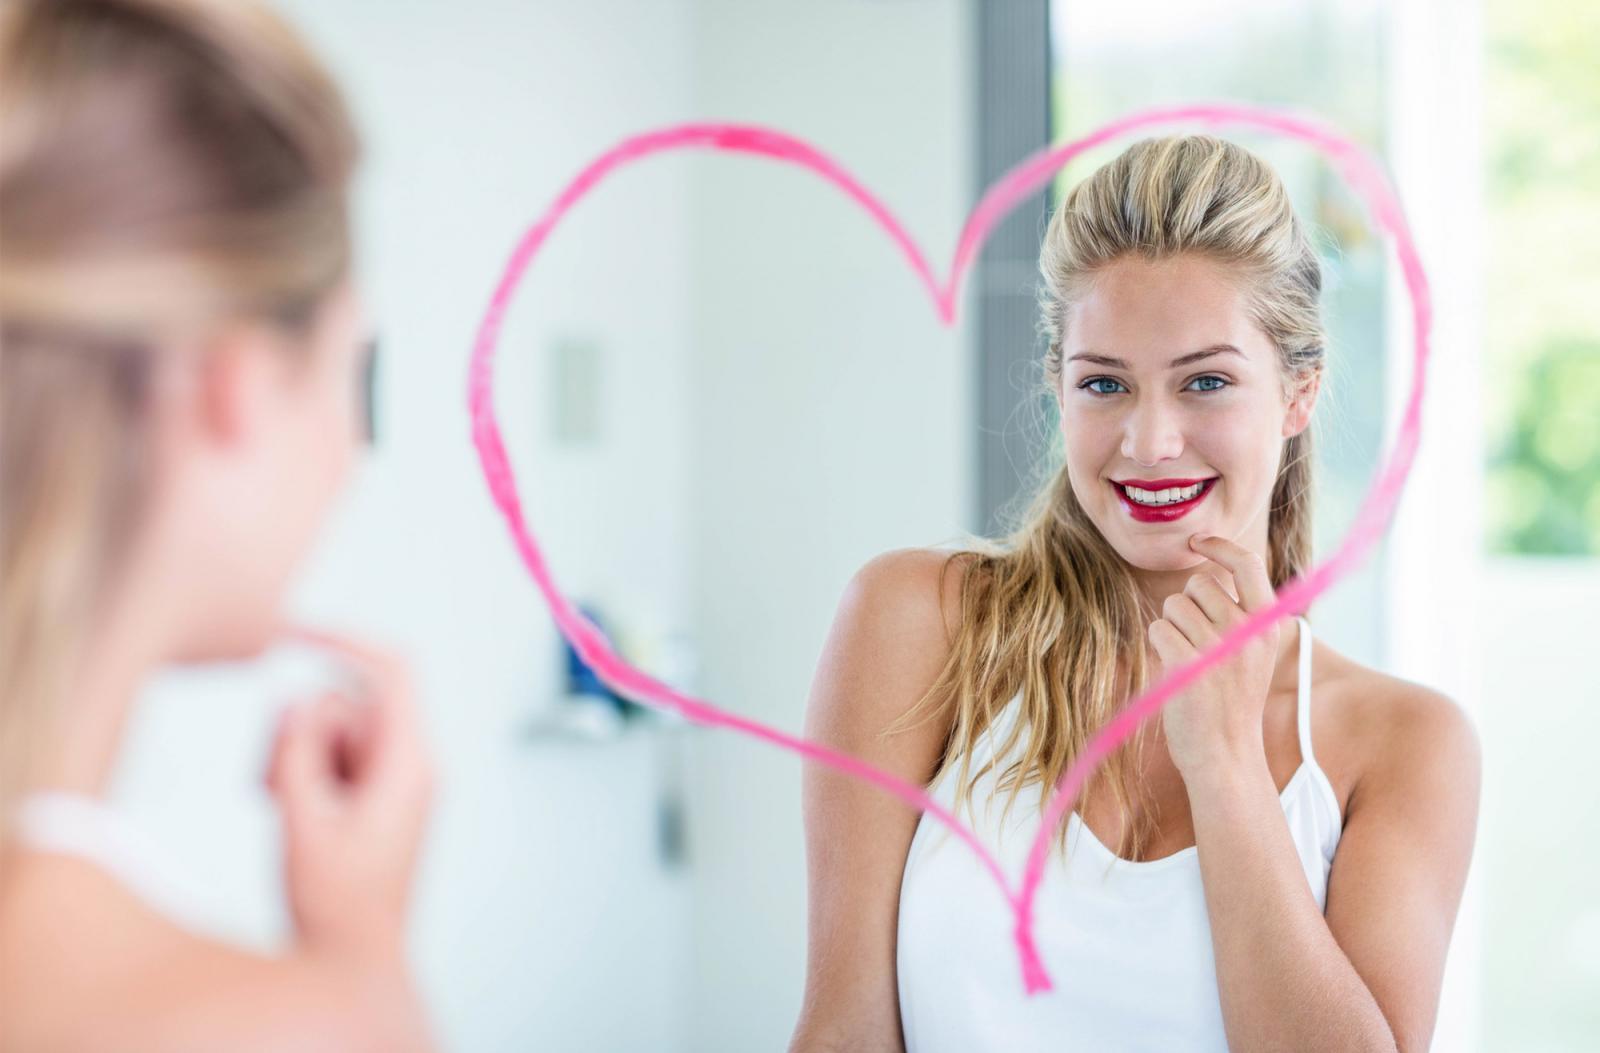 Брянским девушкам предложили показать себя любимую на всероссийском фестивале красоты